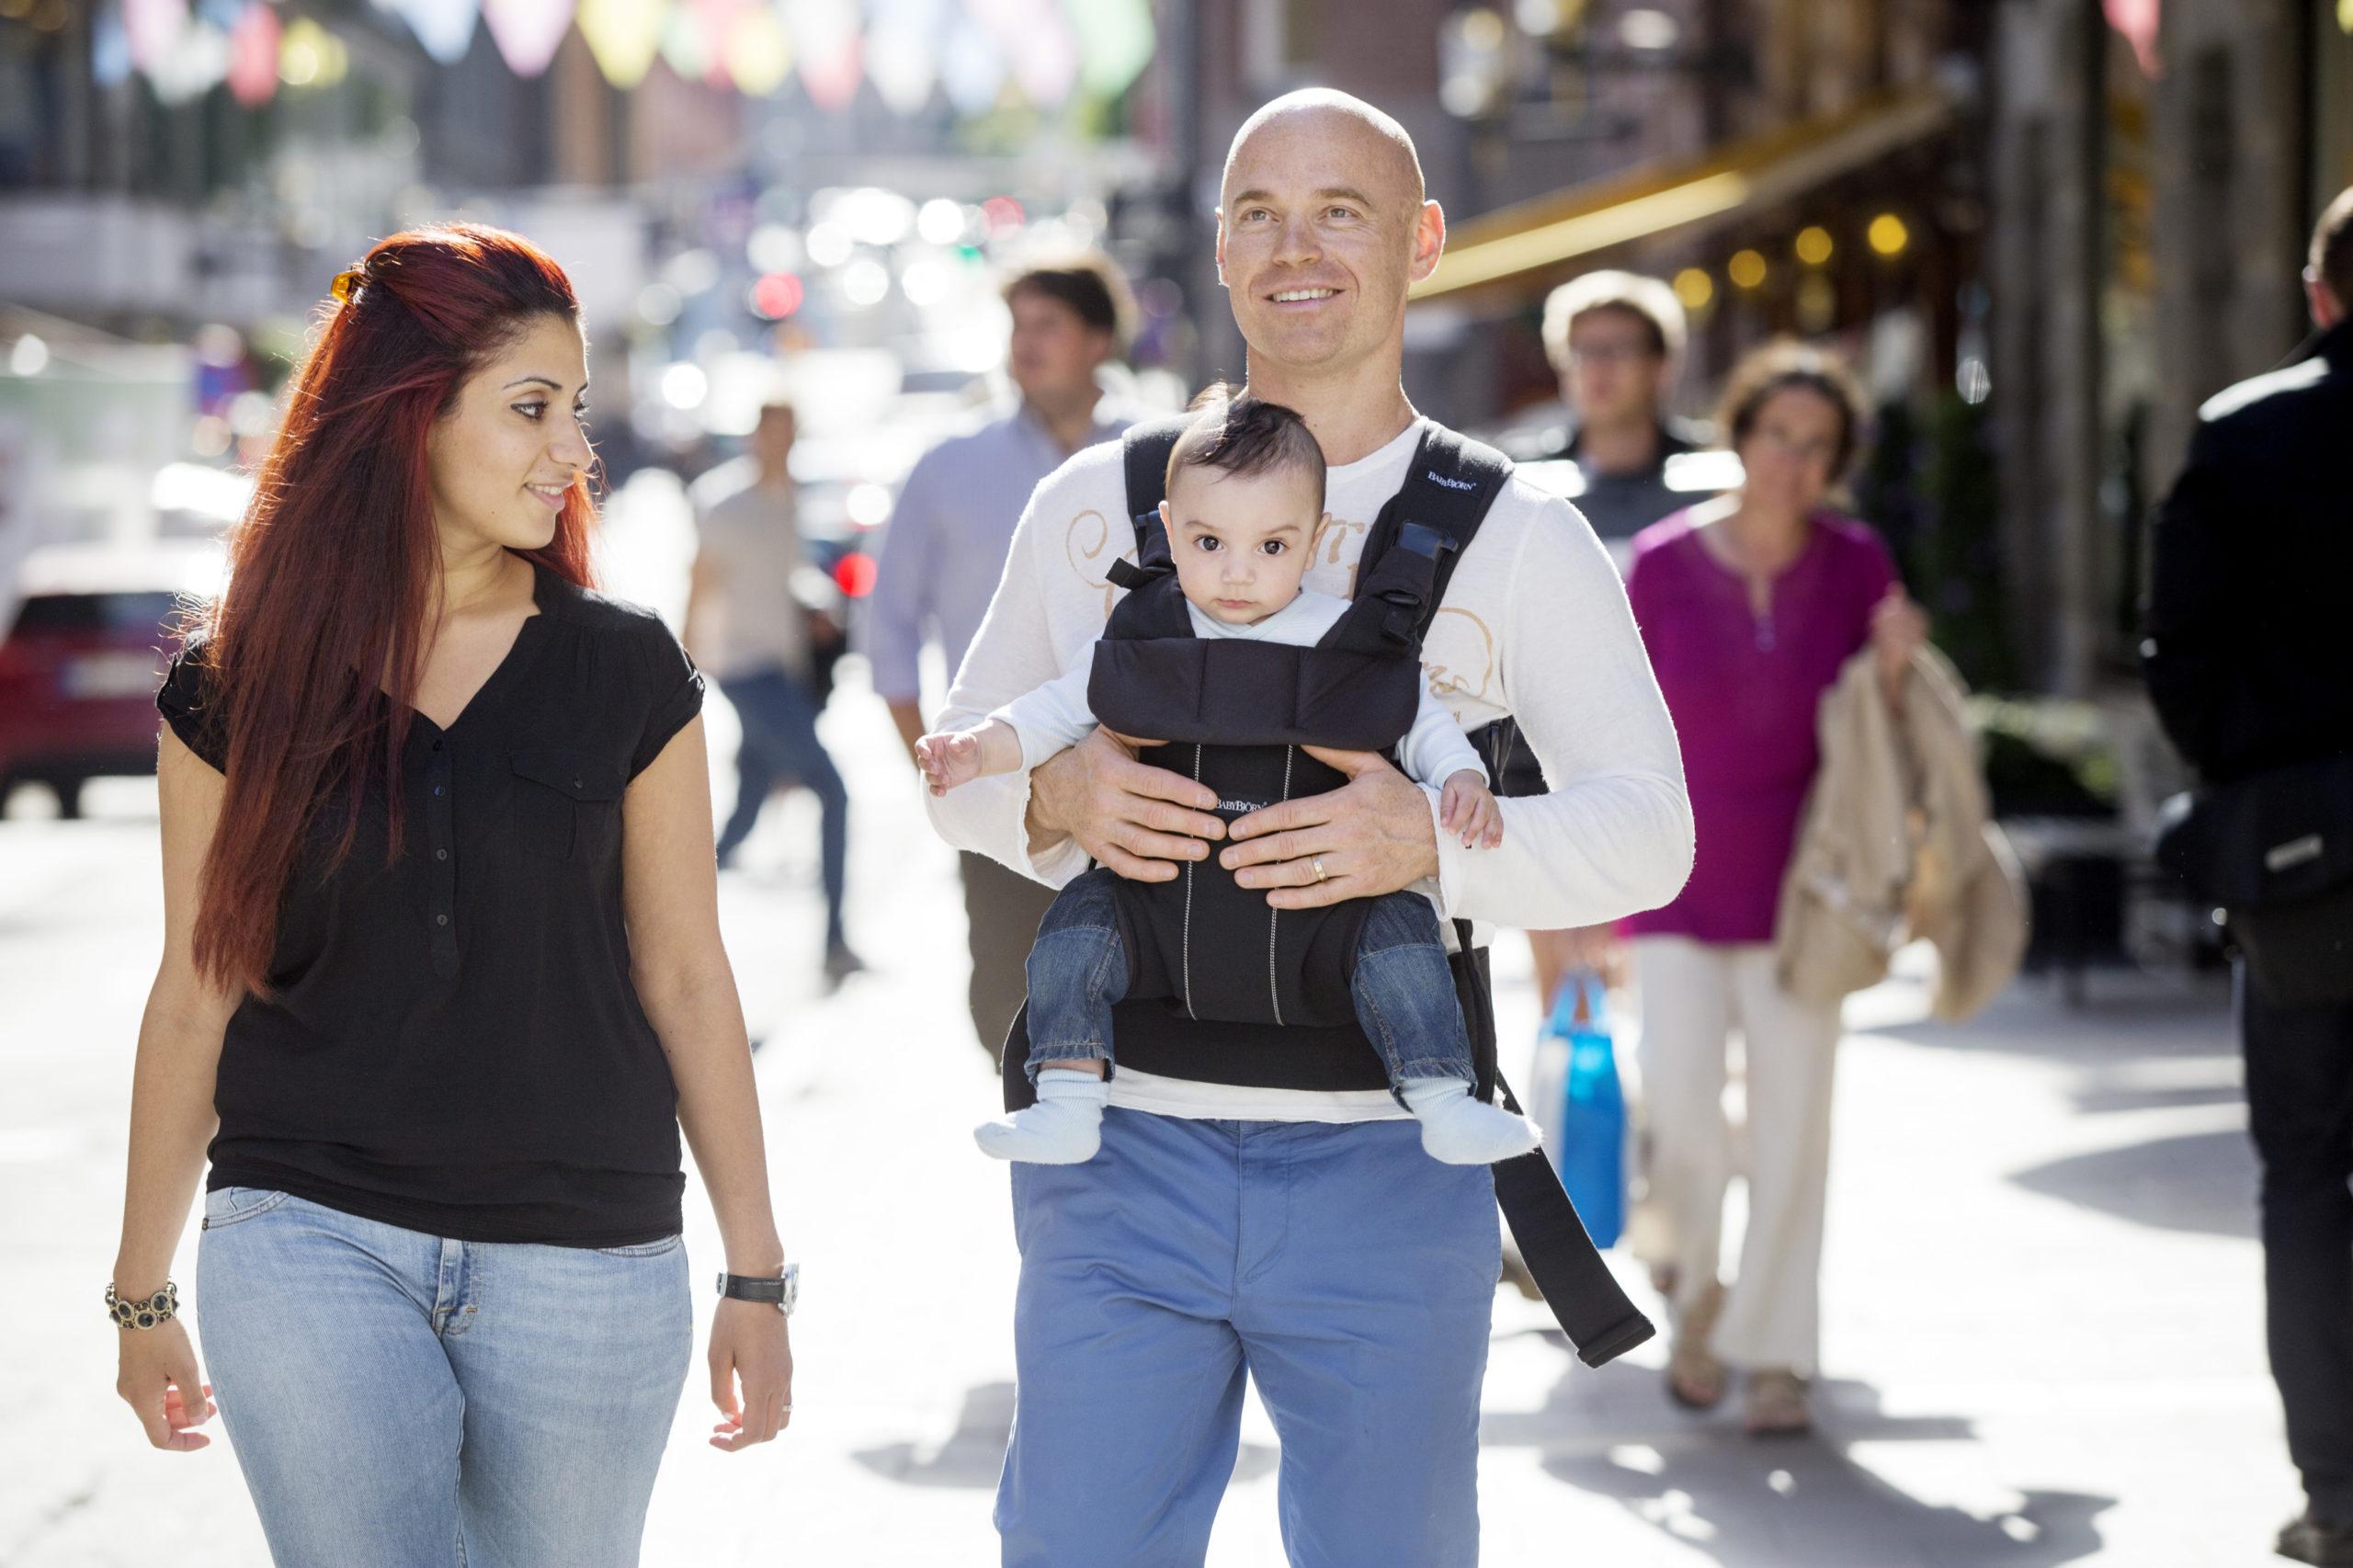 Père portant son enfant sur le ventre